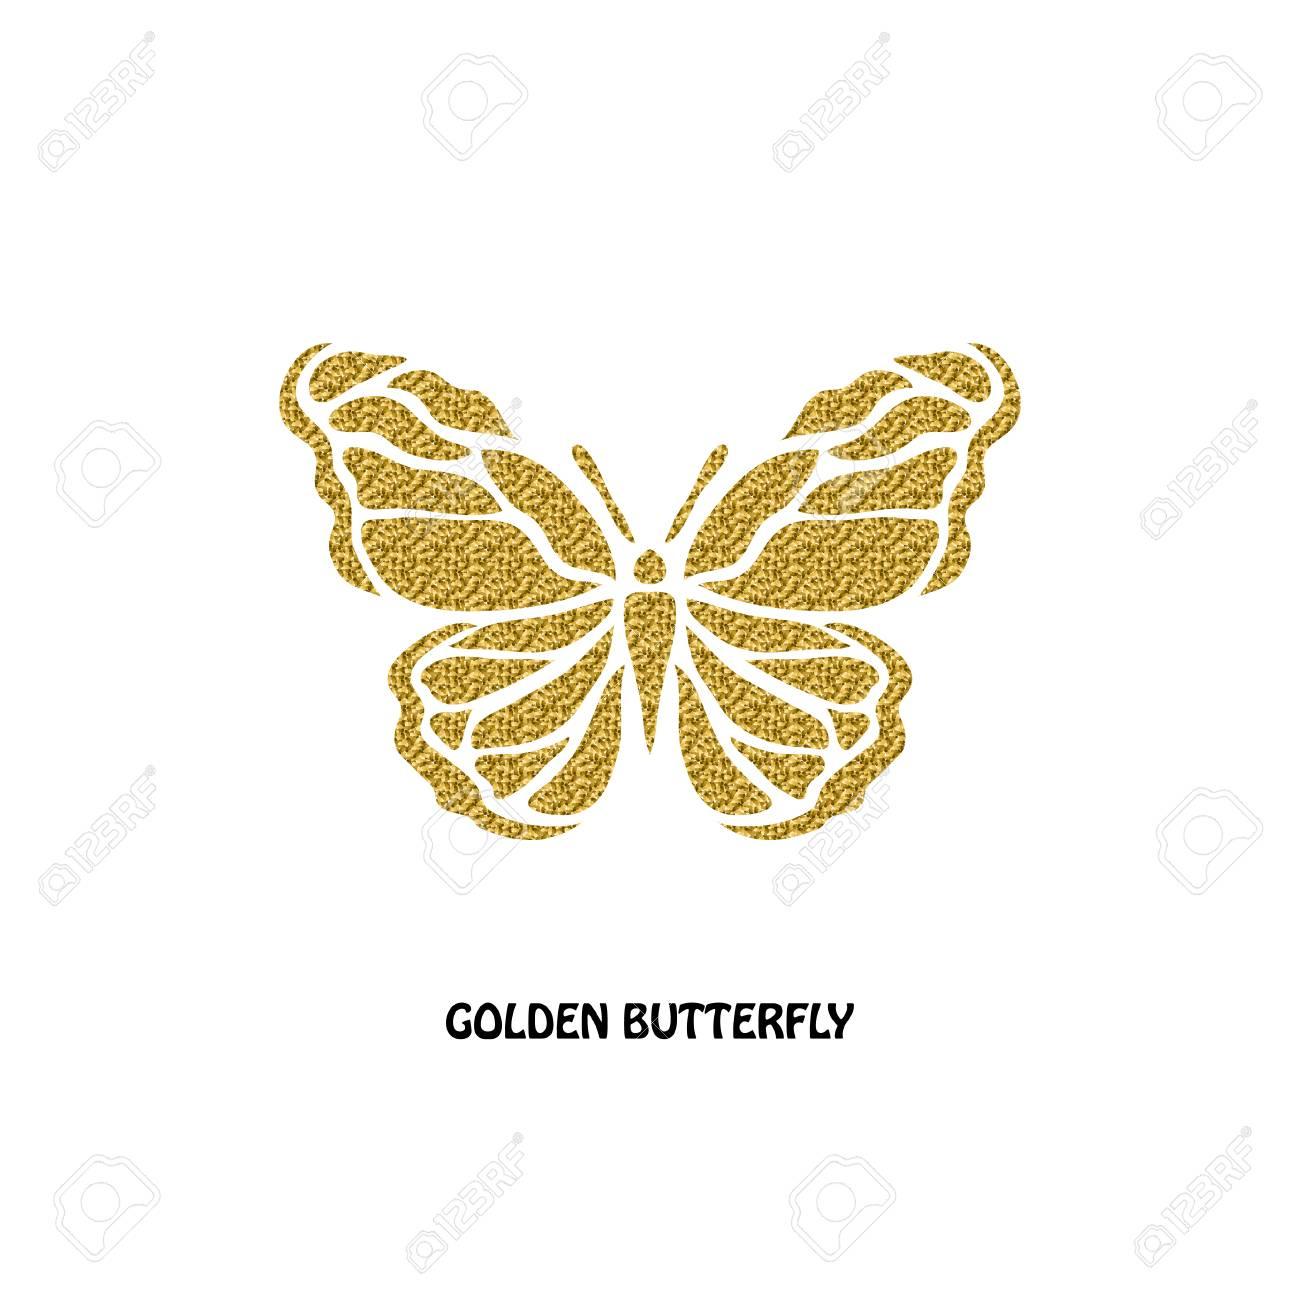 Résumé Symbole De Papillon D'or, Élément De Design. Peut Être Utilisé Pour  Des Invitations, Cartes De Voeux, Scrapbooking, D'impression, Les destiné Etiquette Papillon A Imprimer